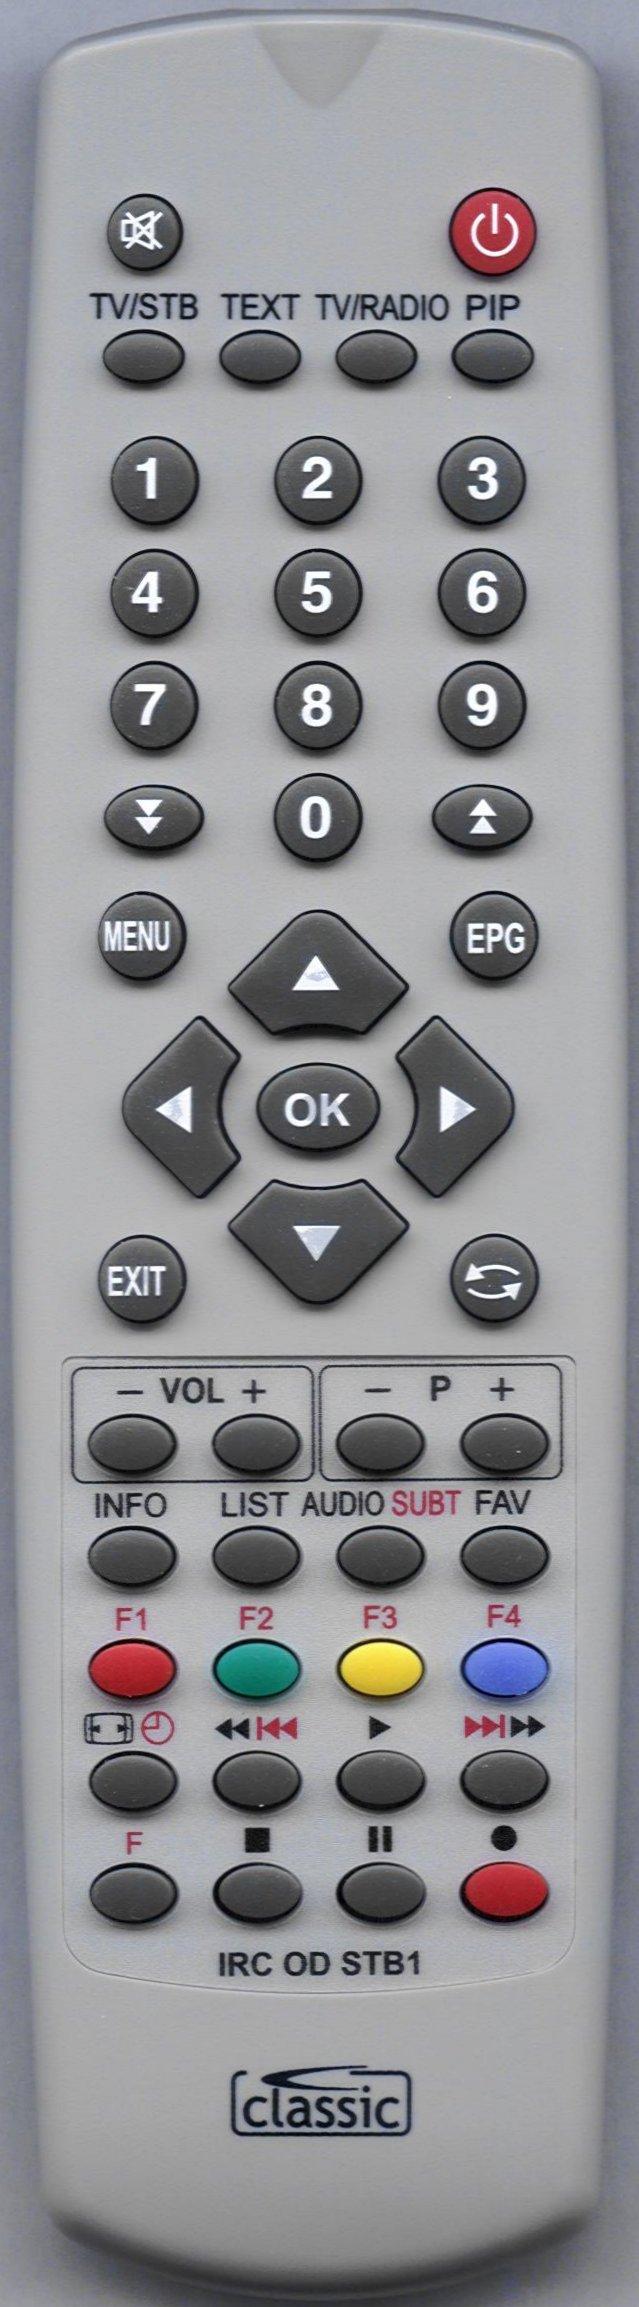 Topfield CBP-2001CI+ CONAX Remote Control